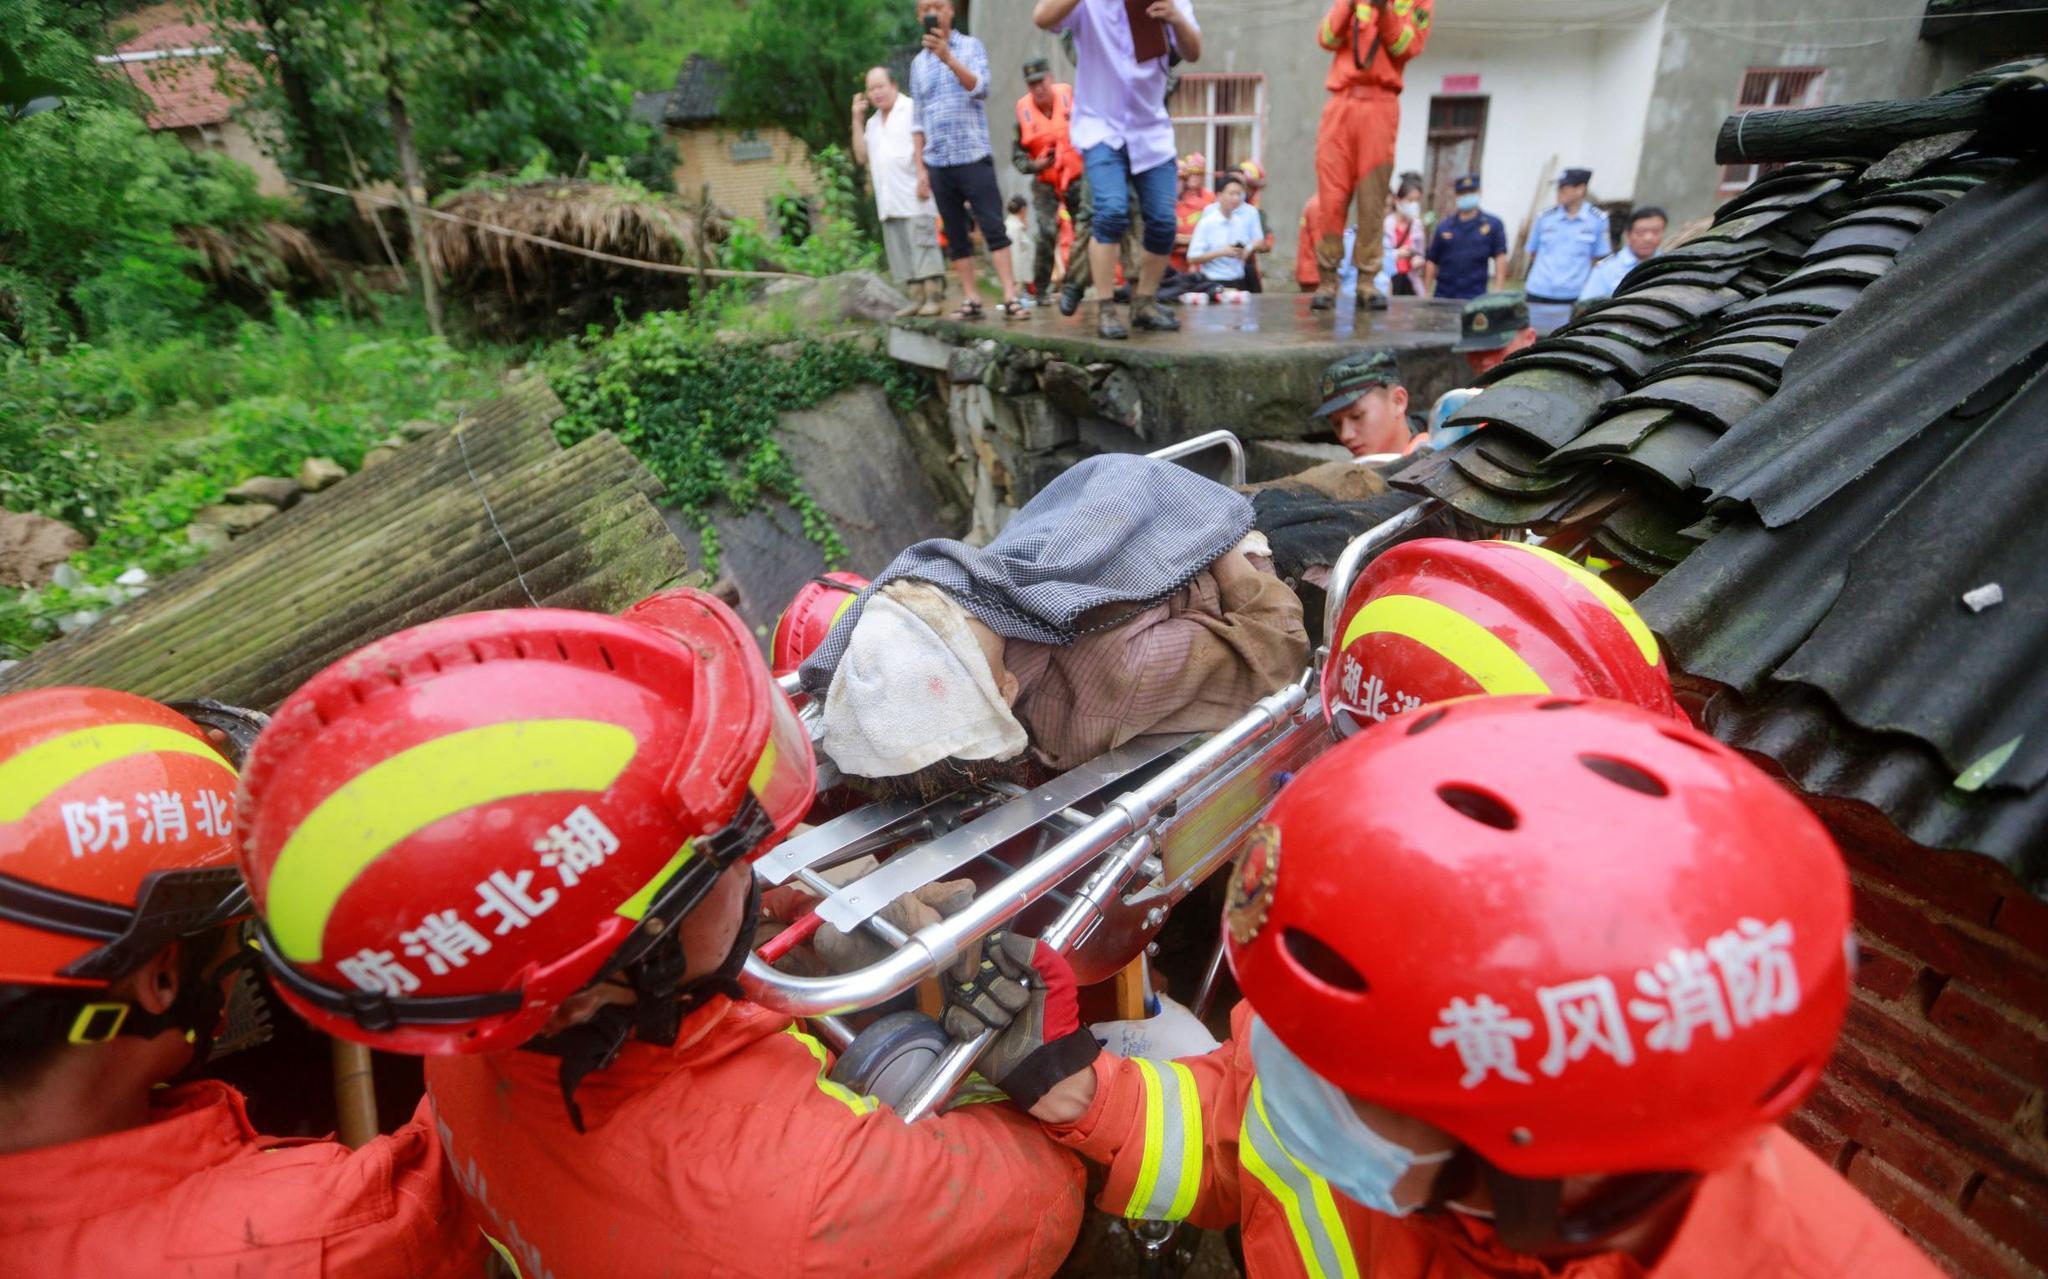 【赢咖3平台】1人获救救援者讲赢咖3平台述营救过图片